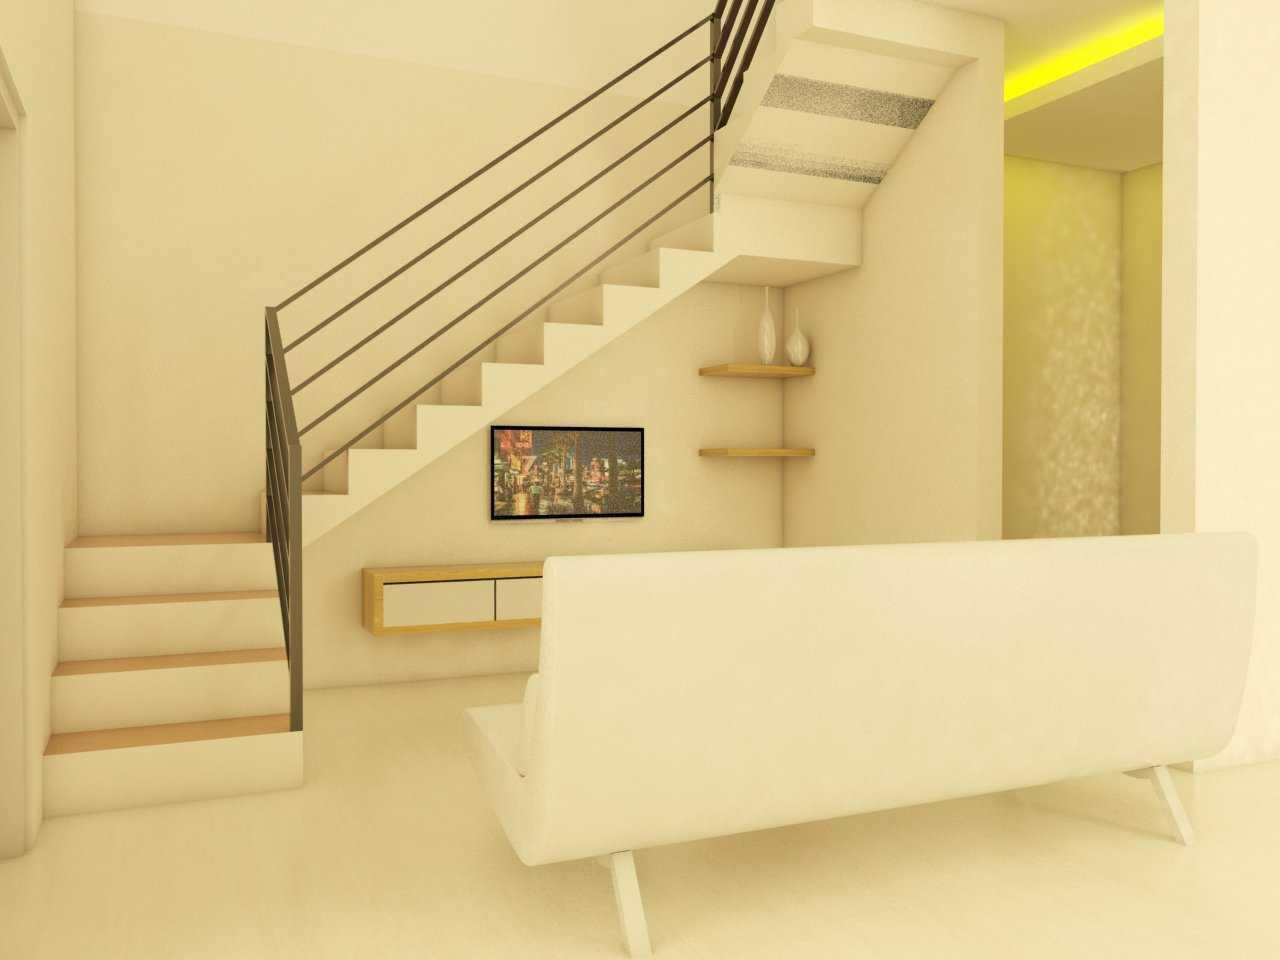 Arz Studio Desain Rumah Renovasi Di Malang Landungsari, Dau, Malang, Jawa Timur, Indonesia Landungsari, Dau, Malang, Jawa Timur, Indonesia Family Room Minimalis 46039